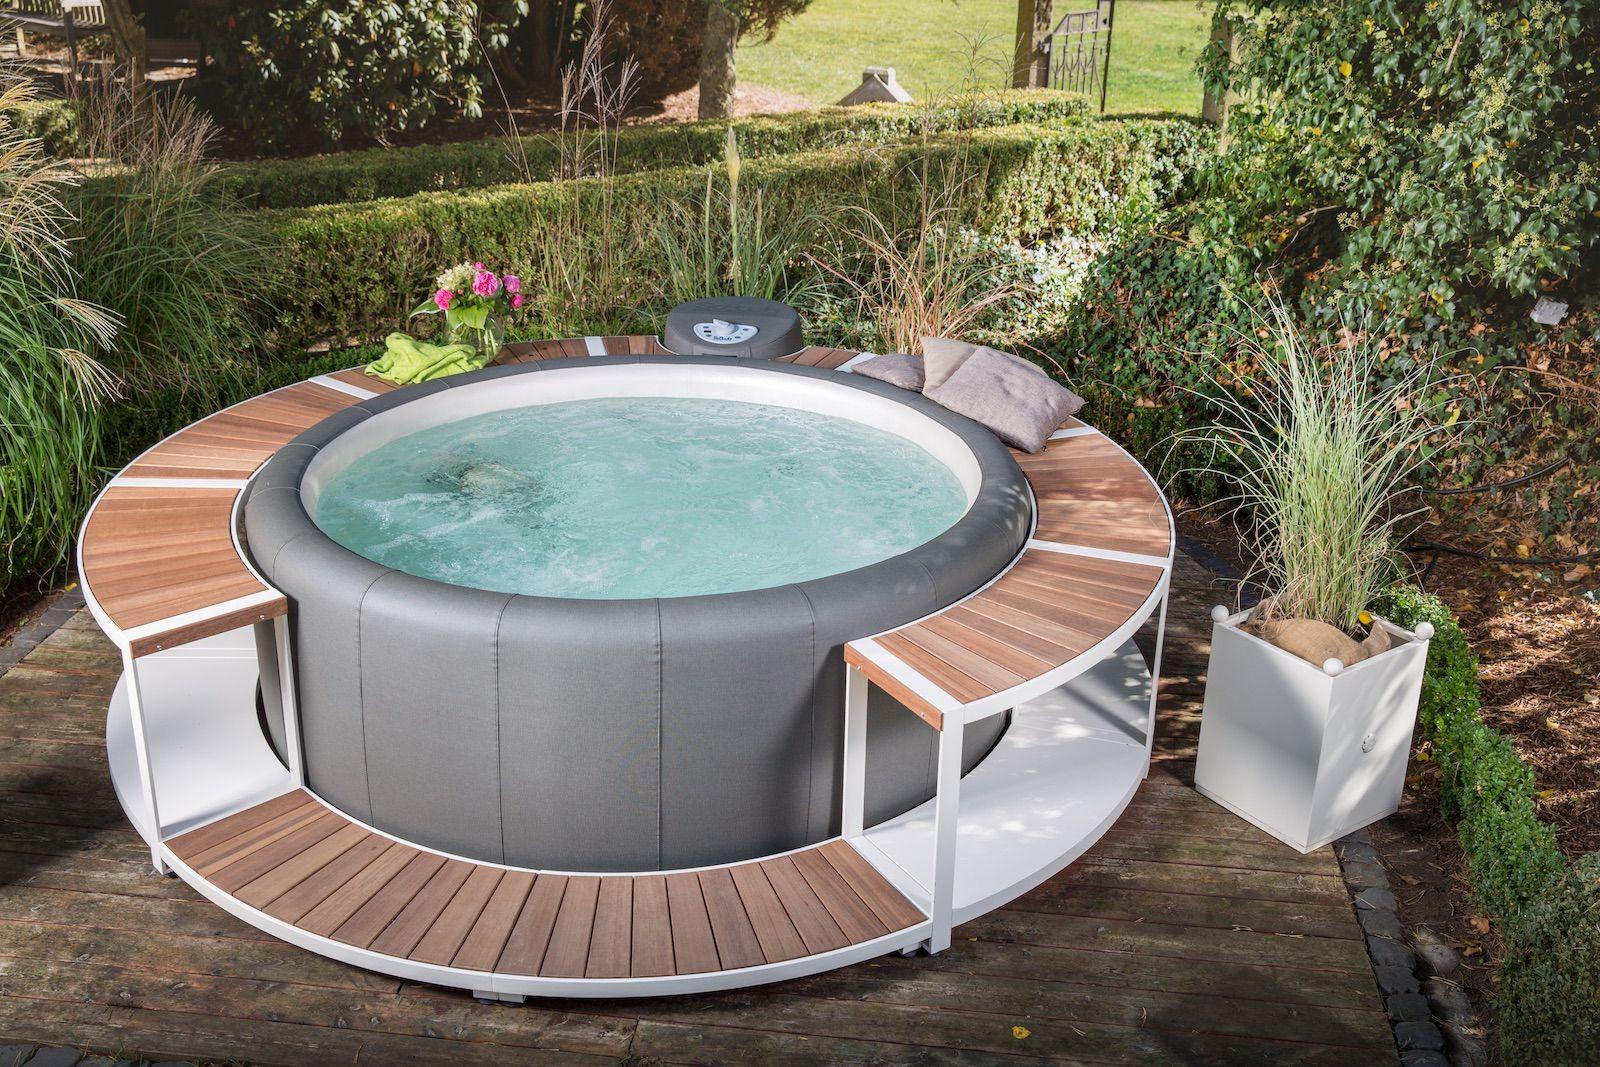 Der Allrounder Softub Whirlpool Drinnen im Hobbykeller